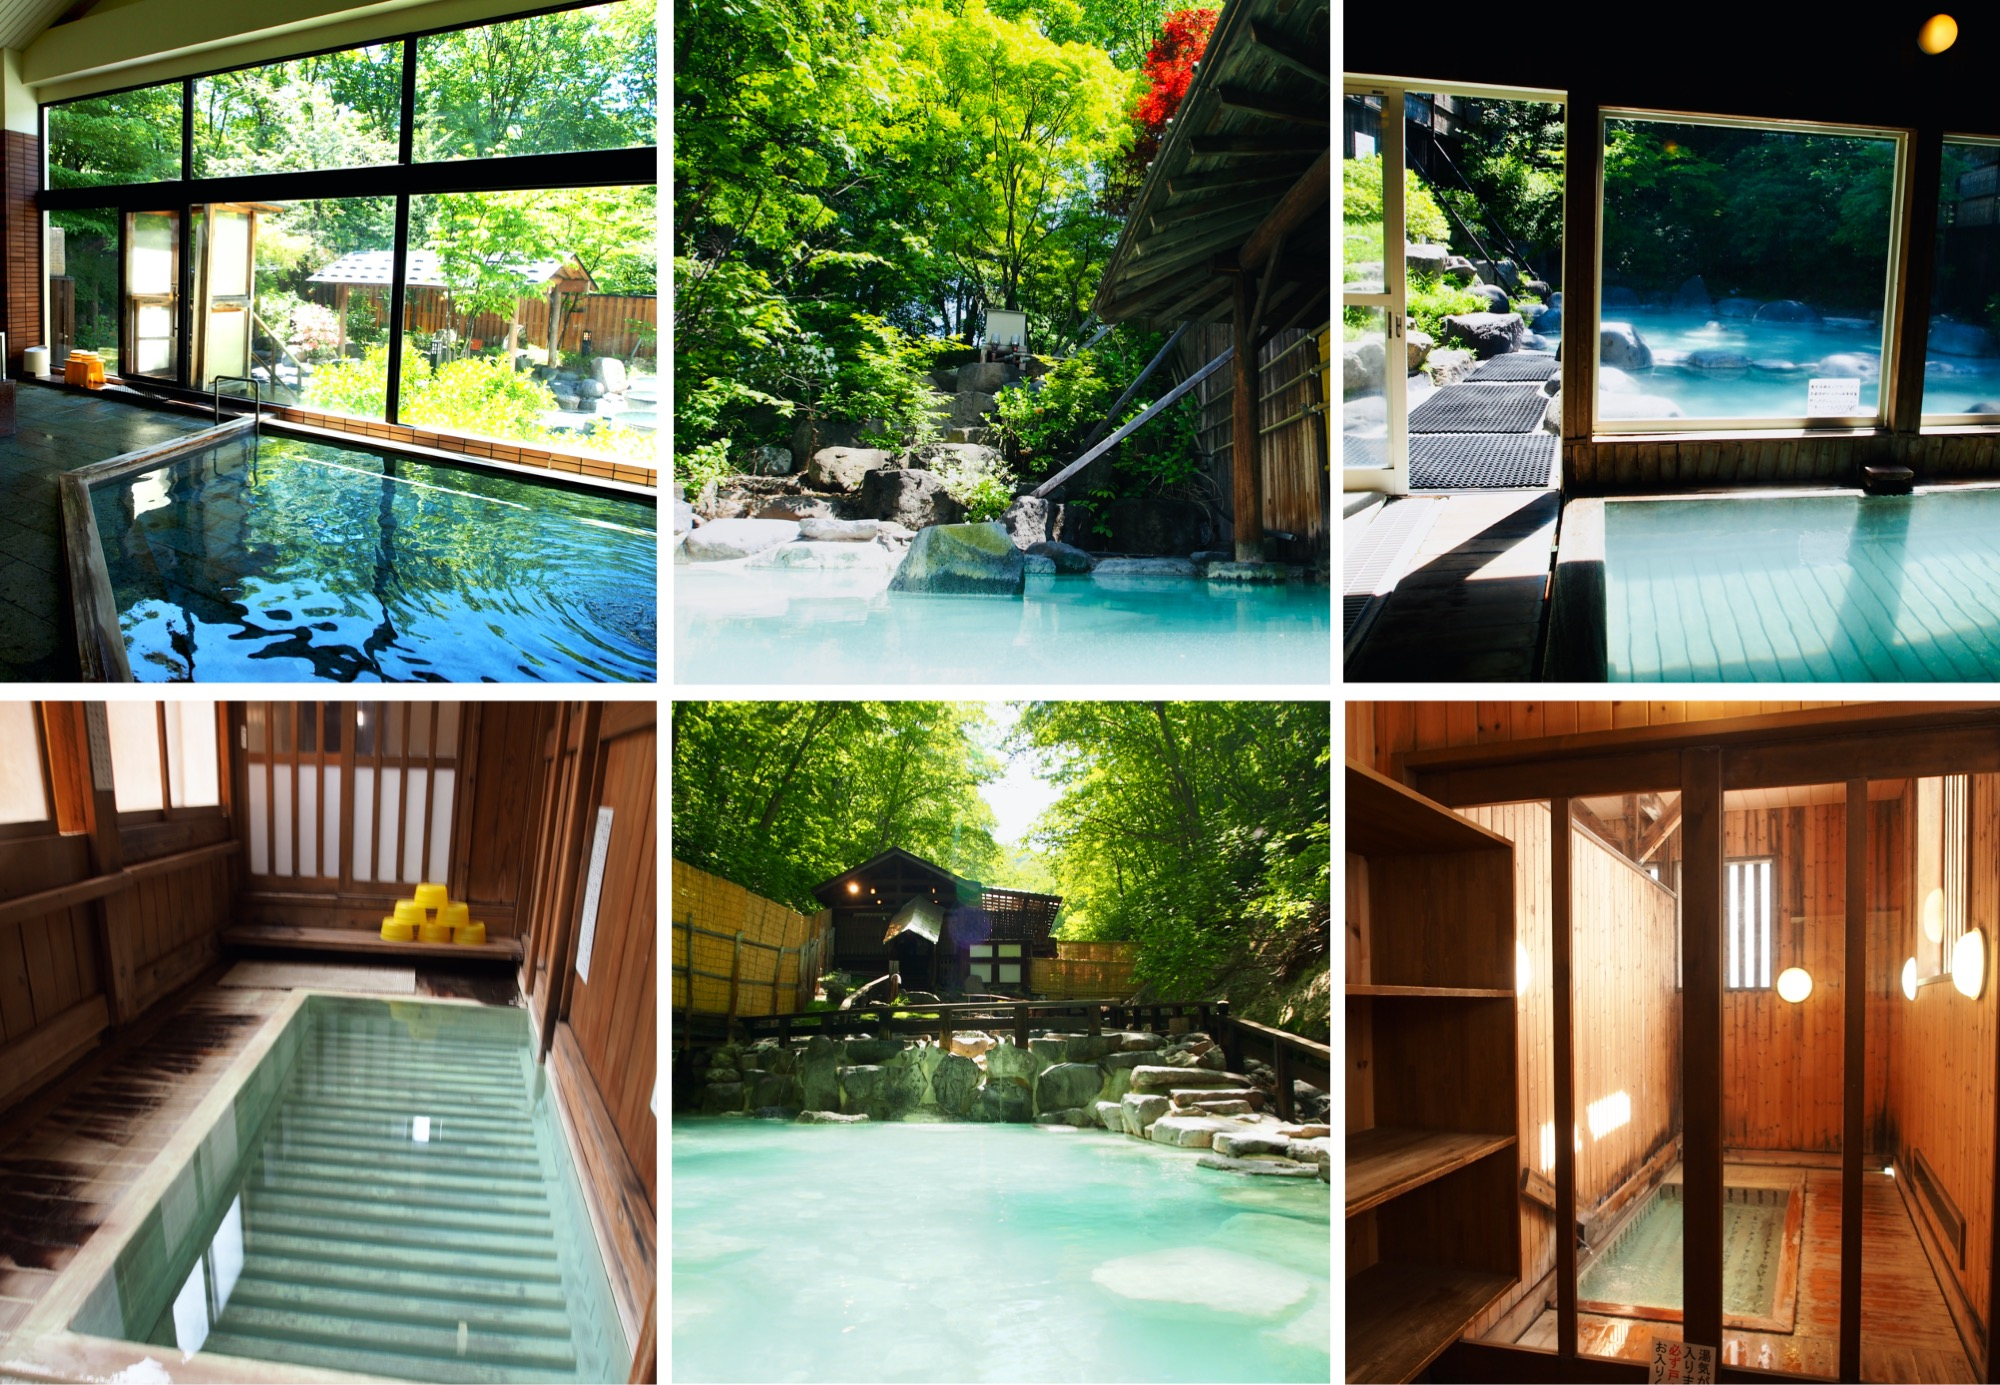 【まとめ】蔵王温泉 日帰り入浴施設|全8施設を一挙ご紹介!|日本有数の泉質を気軽に堪能♨️